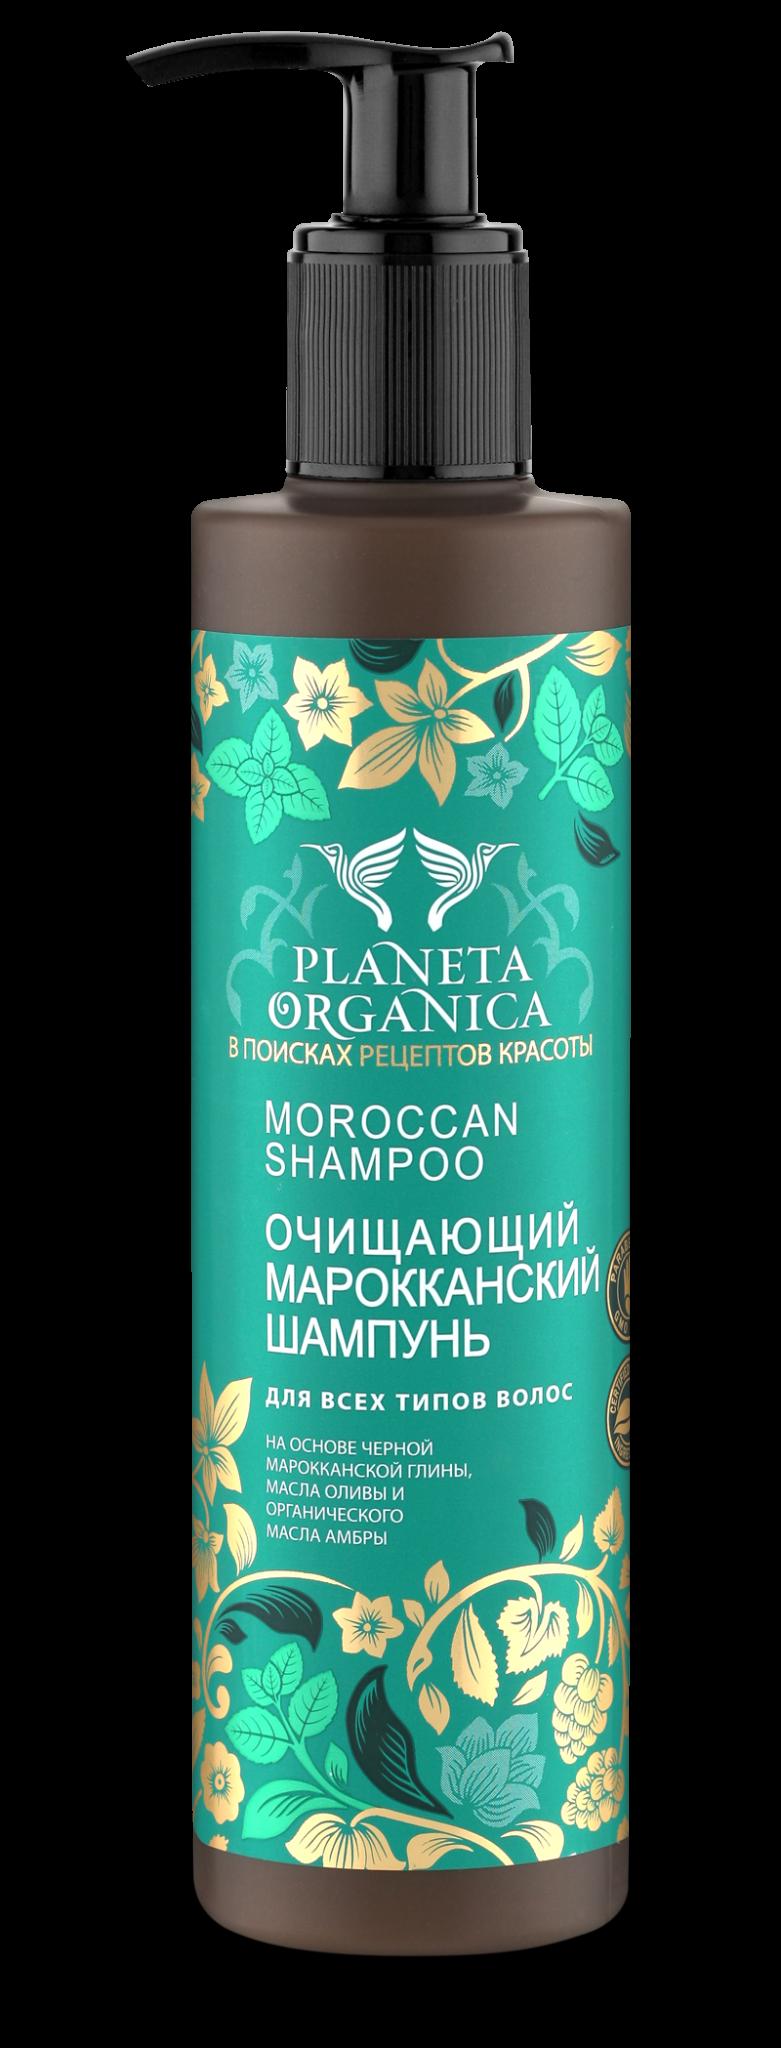 Средства для волос: Шампунь Planeta Organica «Марокканский»